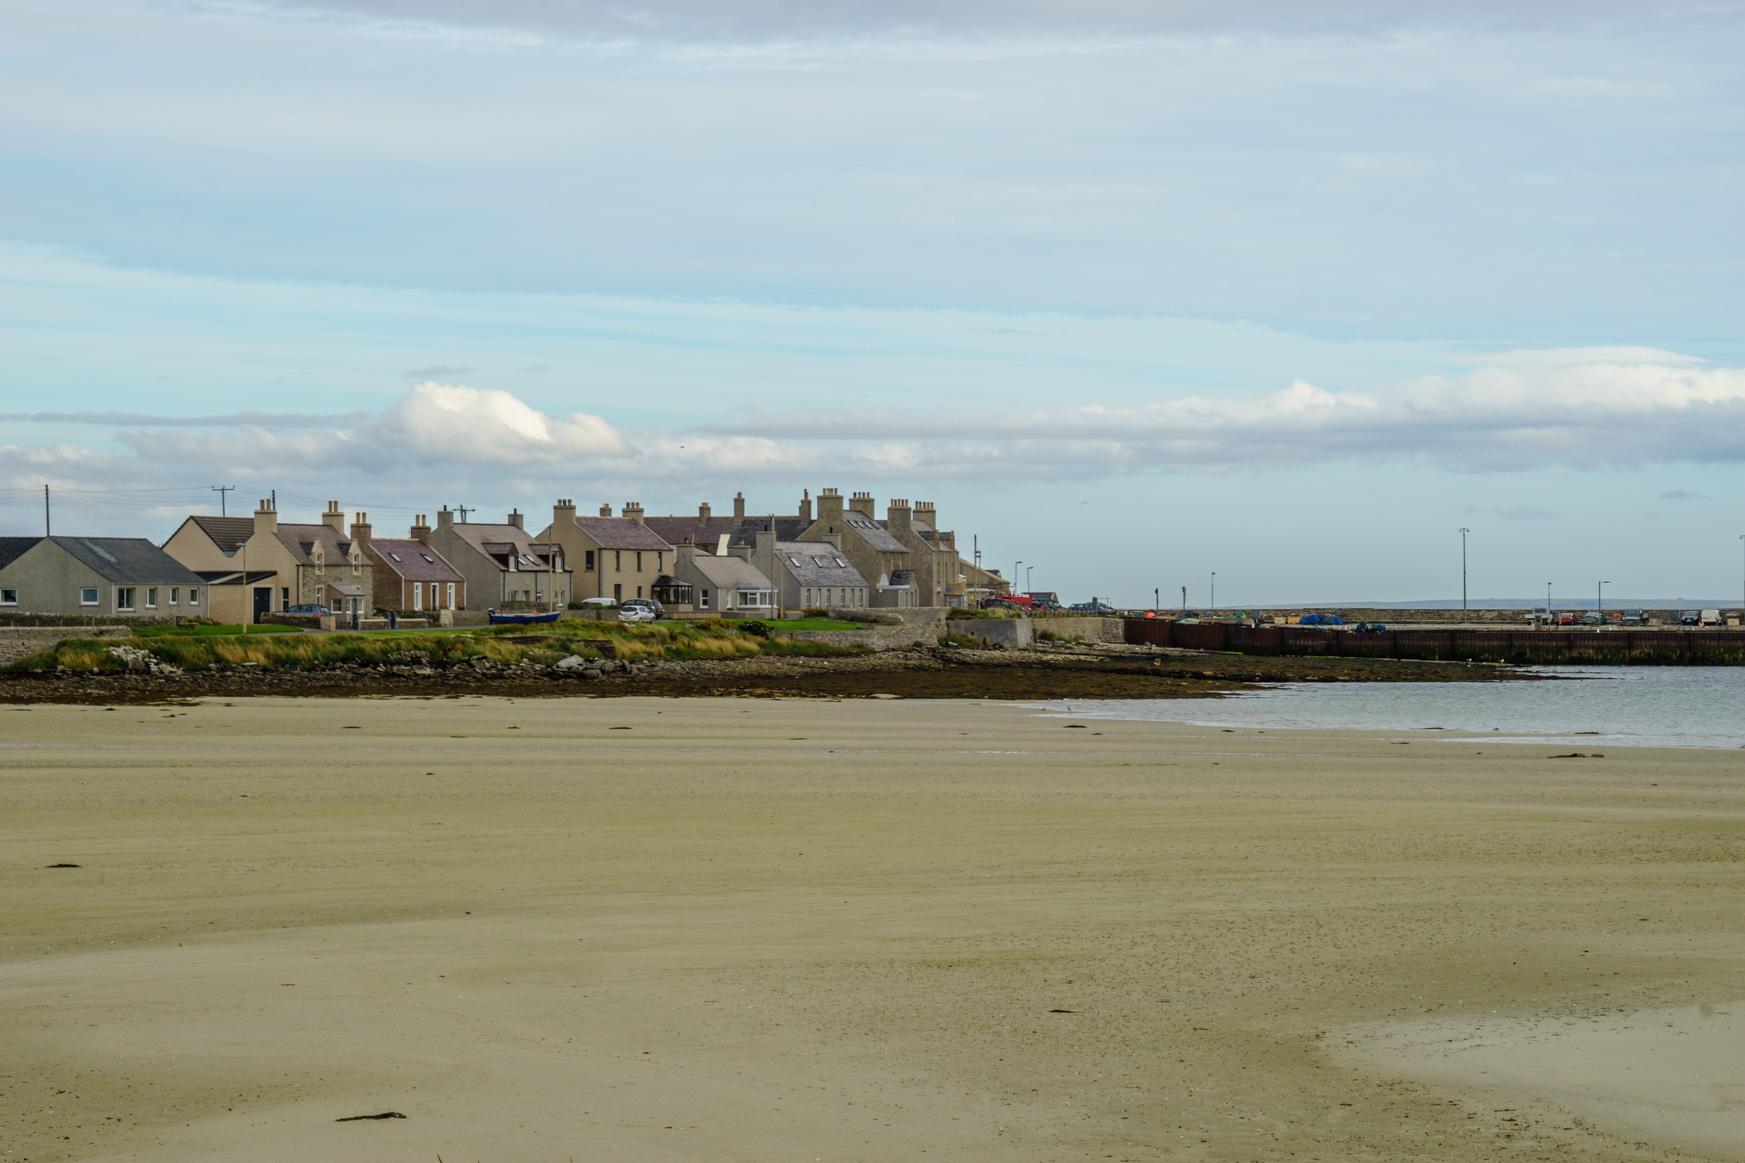 Pierowall mit den typisch schottisch-grauen Häusern